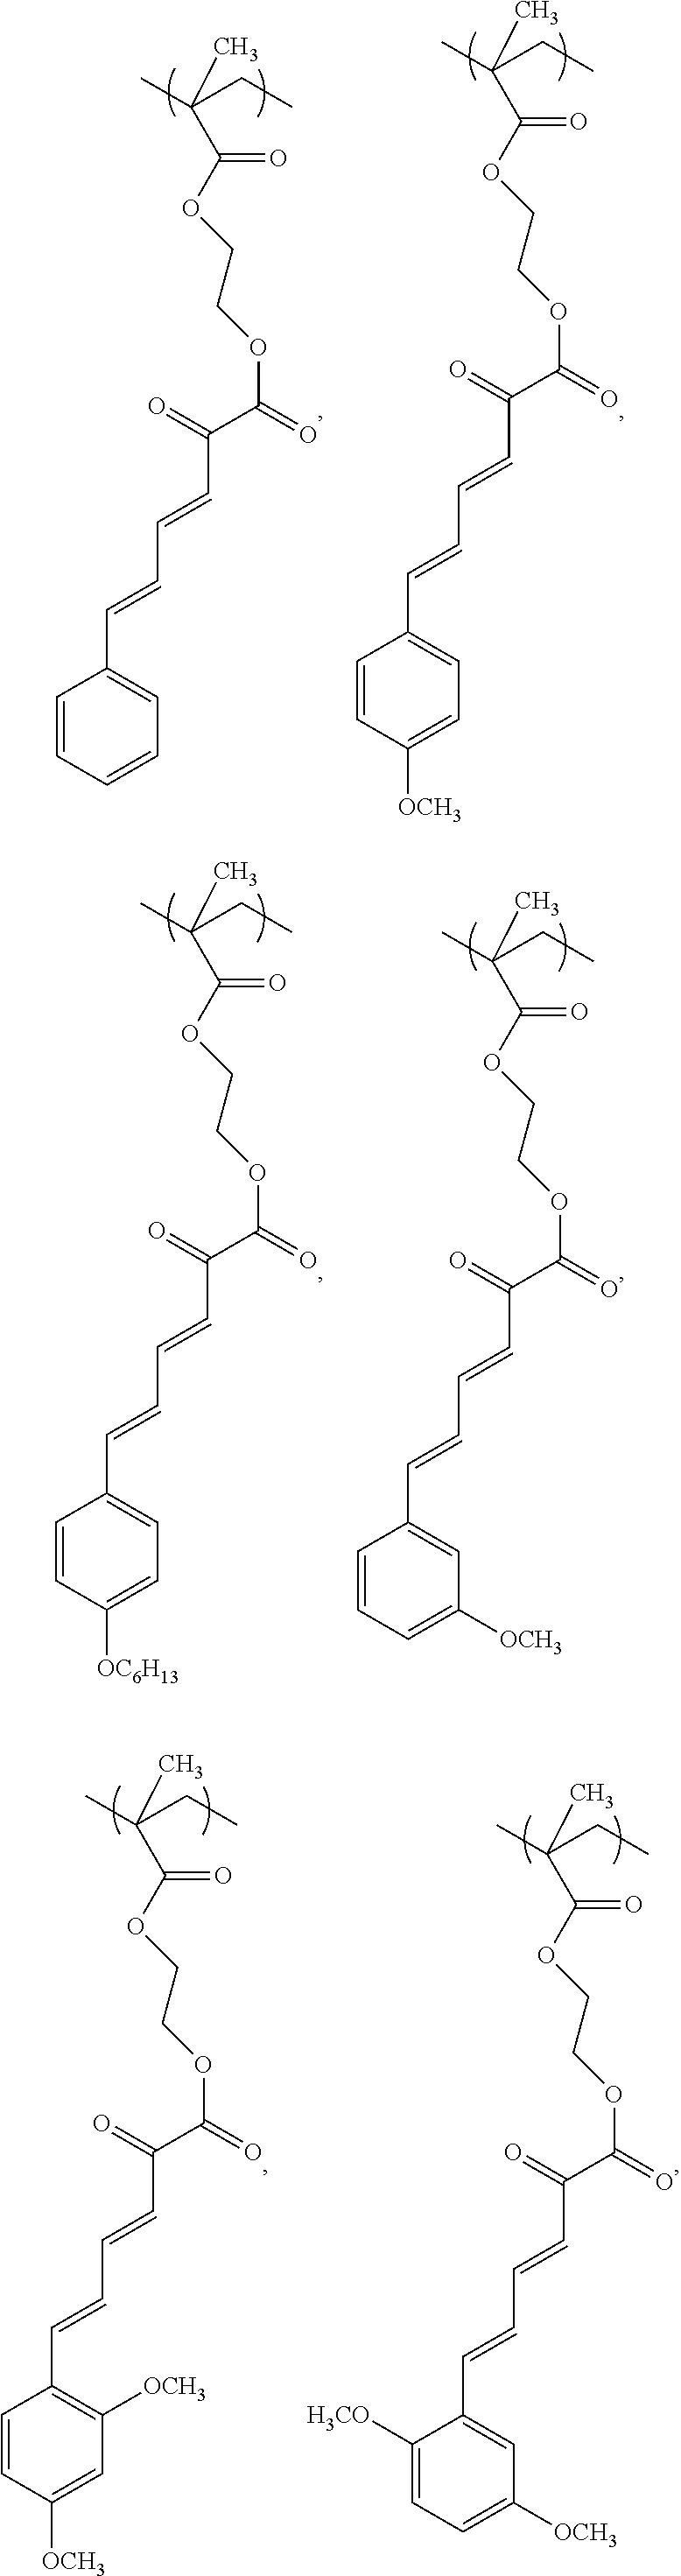 Figure US08878169-20141104-C00010